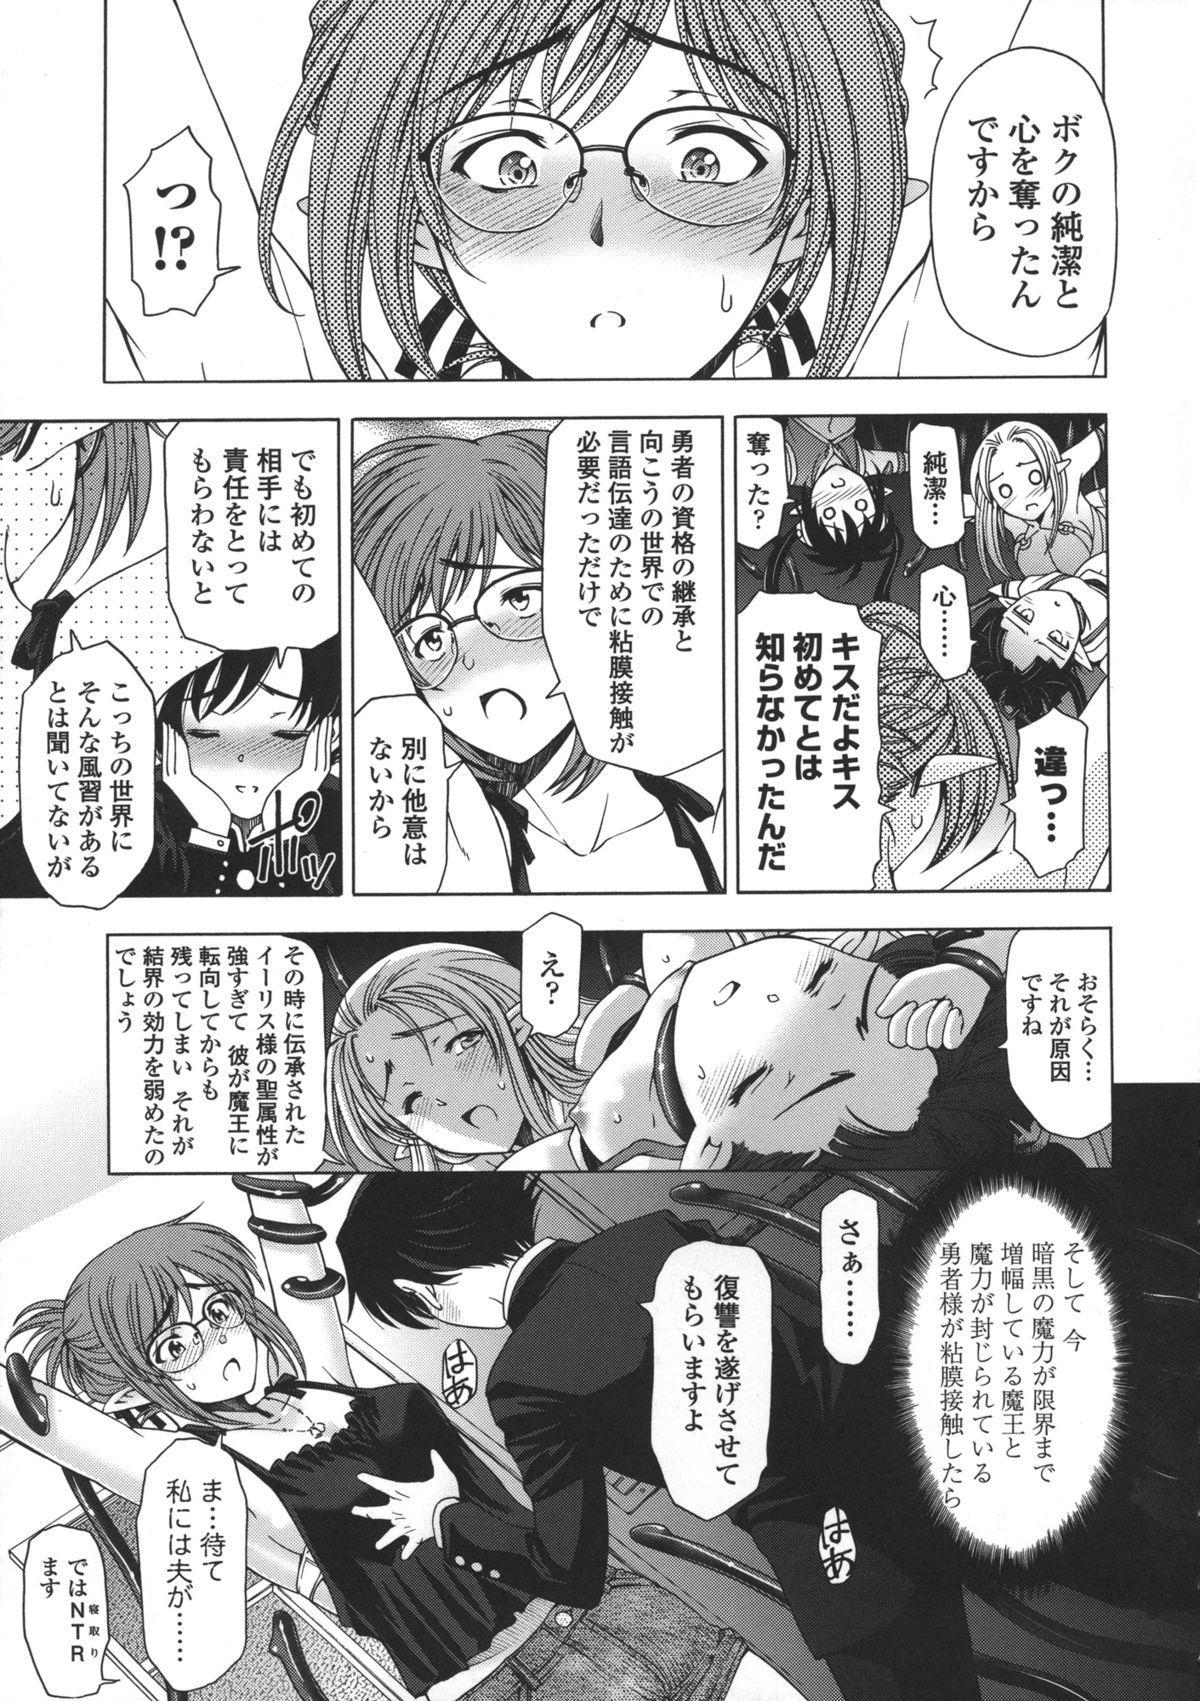 Ane wa Shota o Suki ni Naru 163